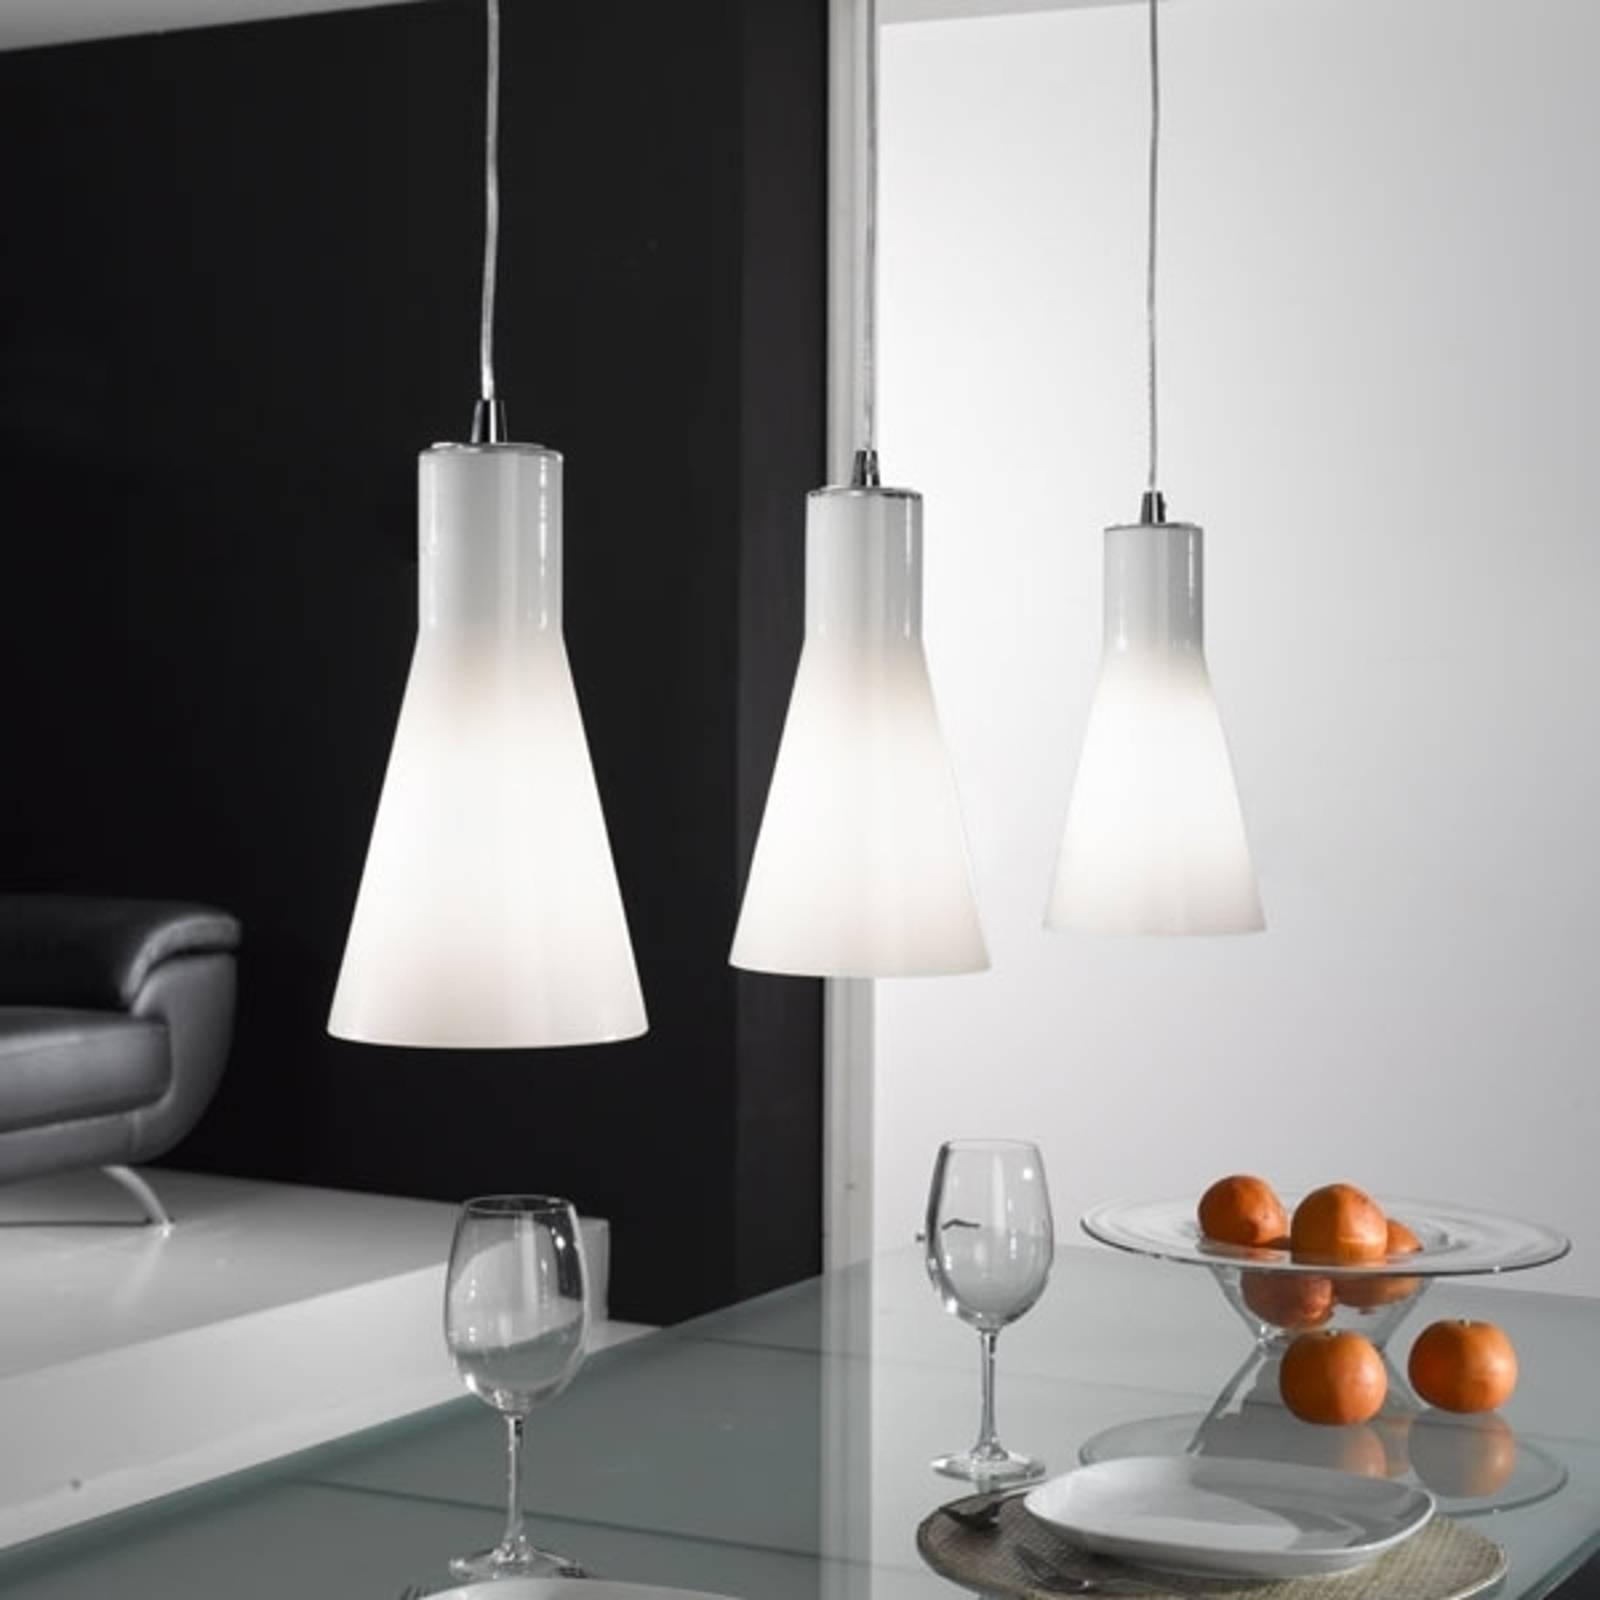 Hanglamp Dana van glas met 3 lampjes